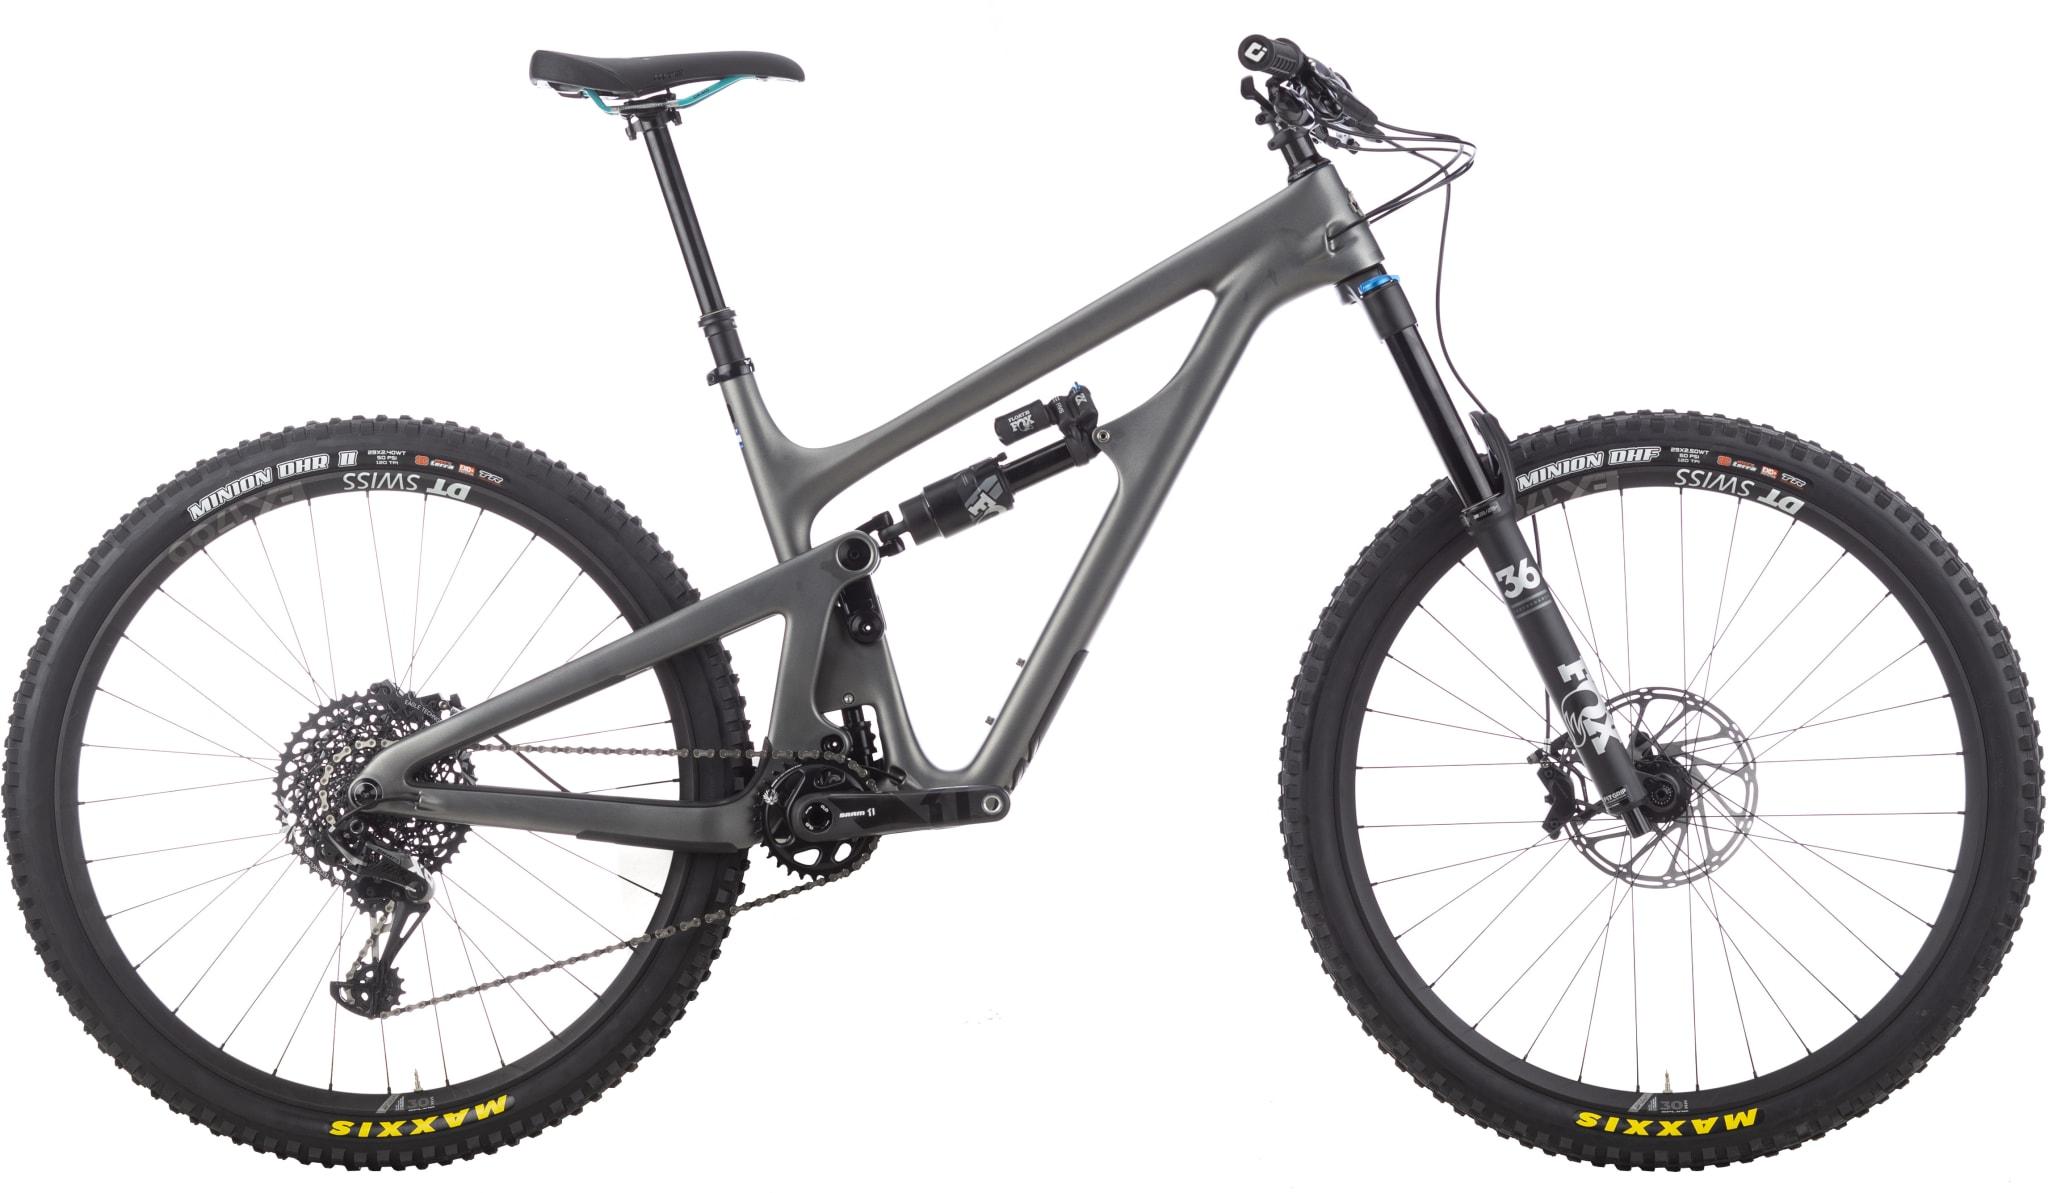 SB150 C2 2020